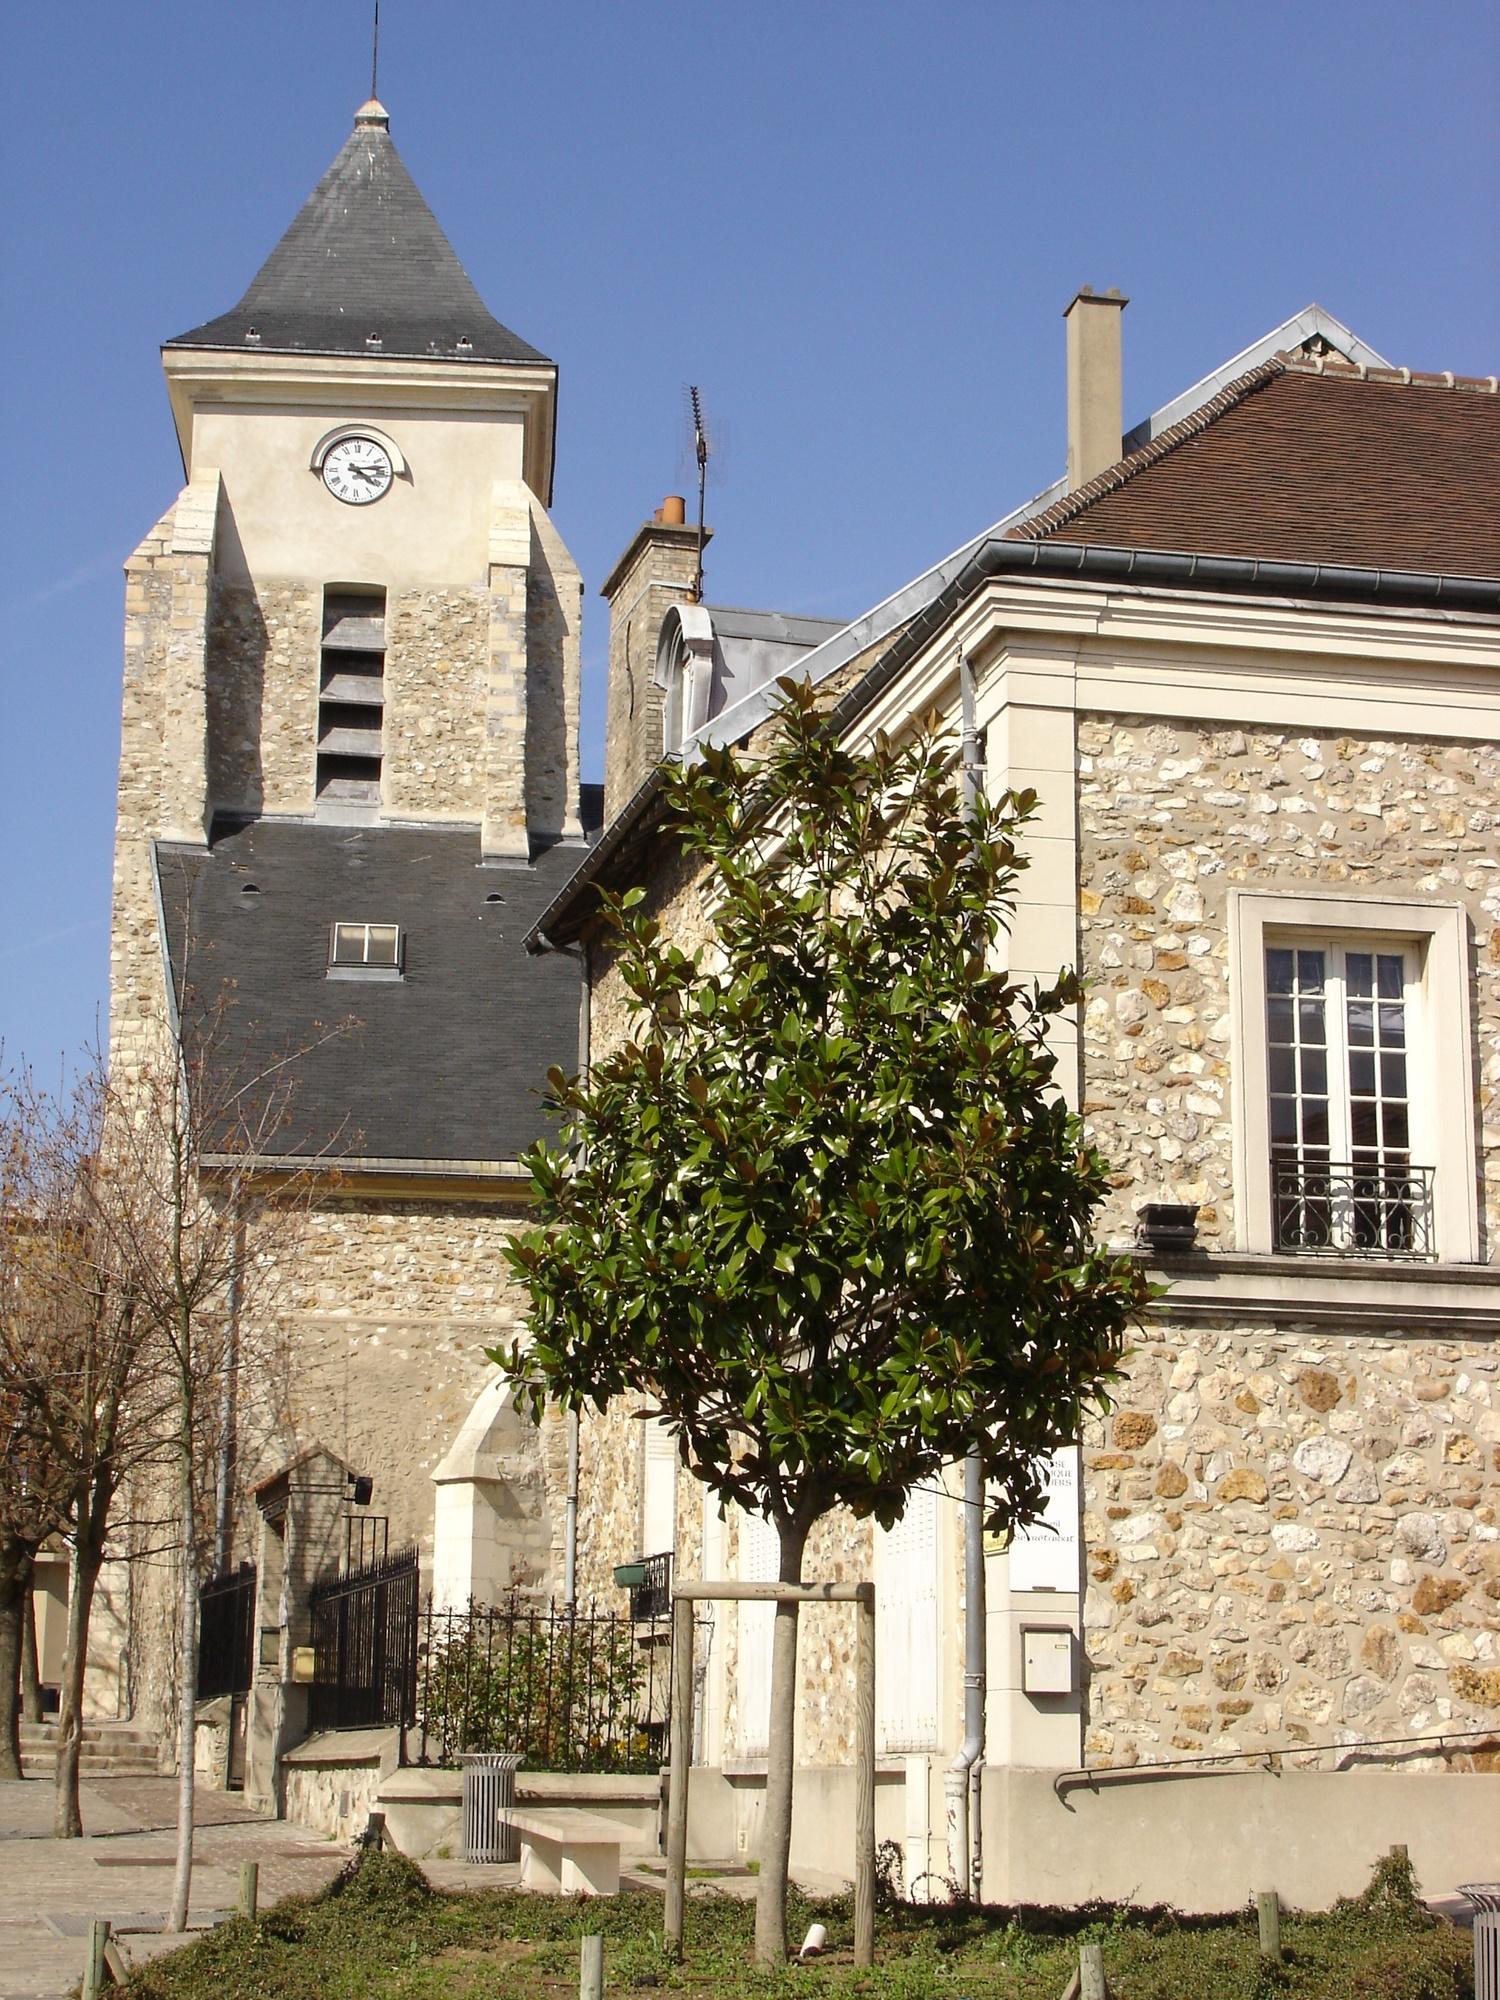 EGLISE SAINT-JACQUES SAINT-CHRISTOPHE À VILLIERS-SUR-MARNE